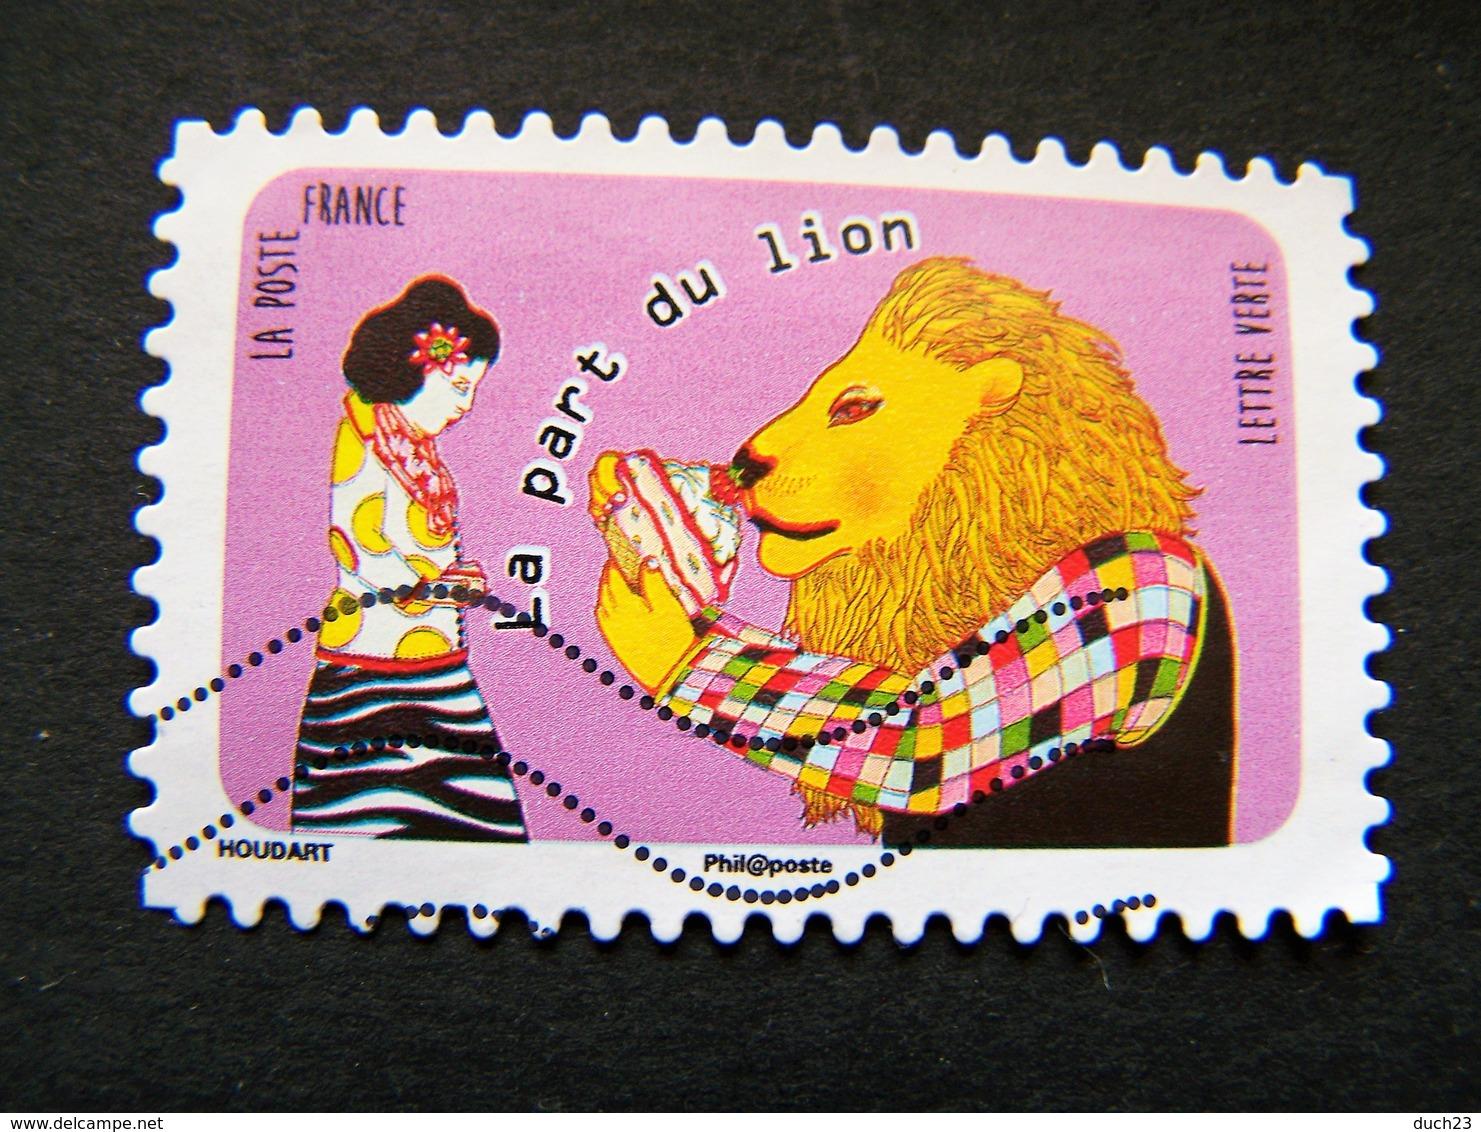 N°1317 LA PART DU LION OBLITERE ANNEE 2016 SERIE DU CARNET LANGUE FRANCAISE AUTOCOLLANT ADHESIF - France